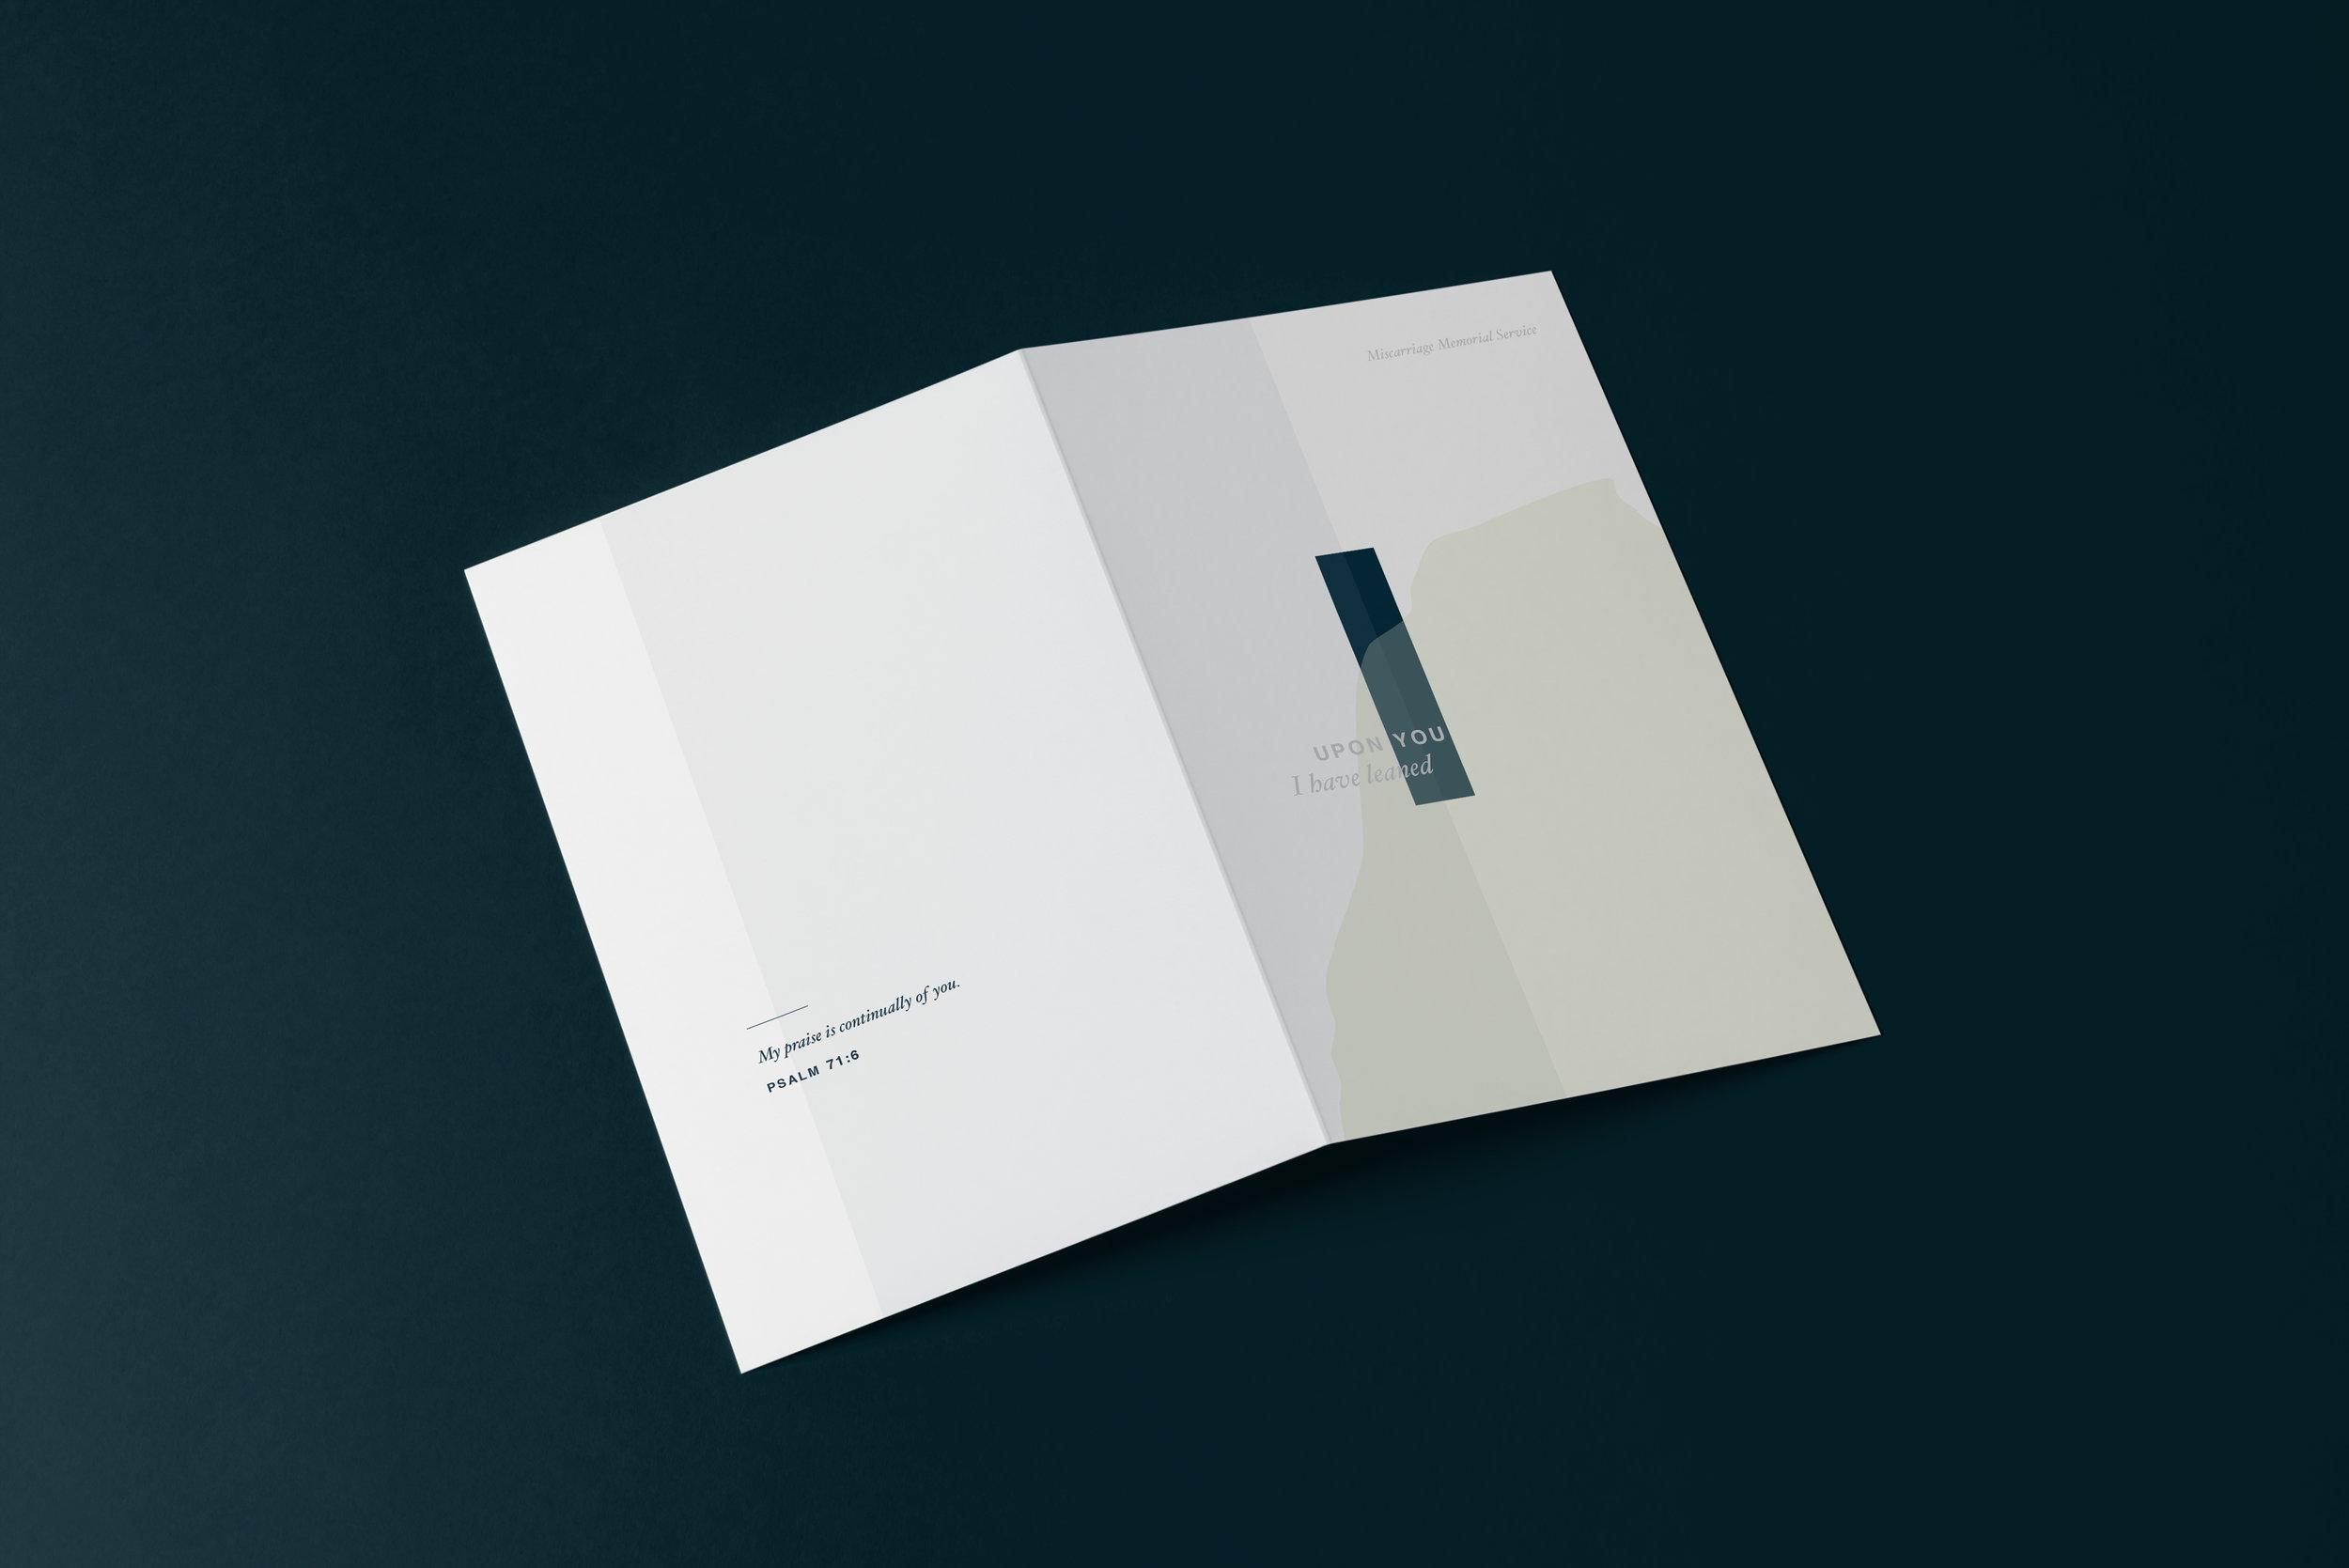 Miscarriage Memorial Booklet Mockup teal.jpg